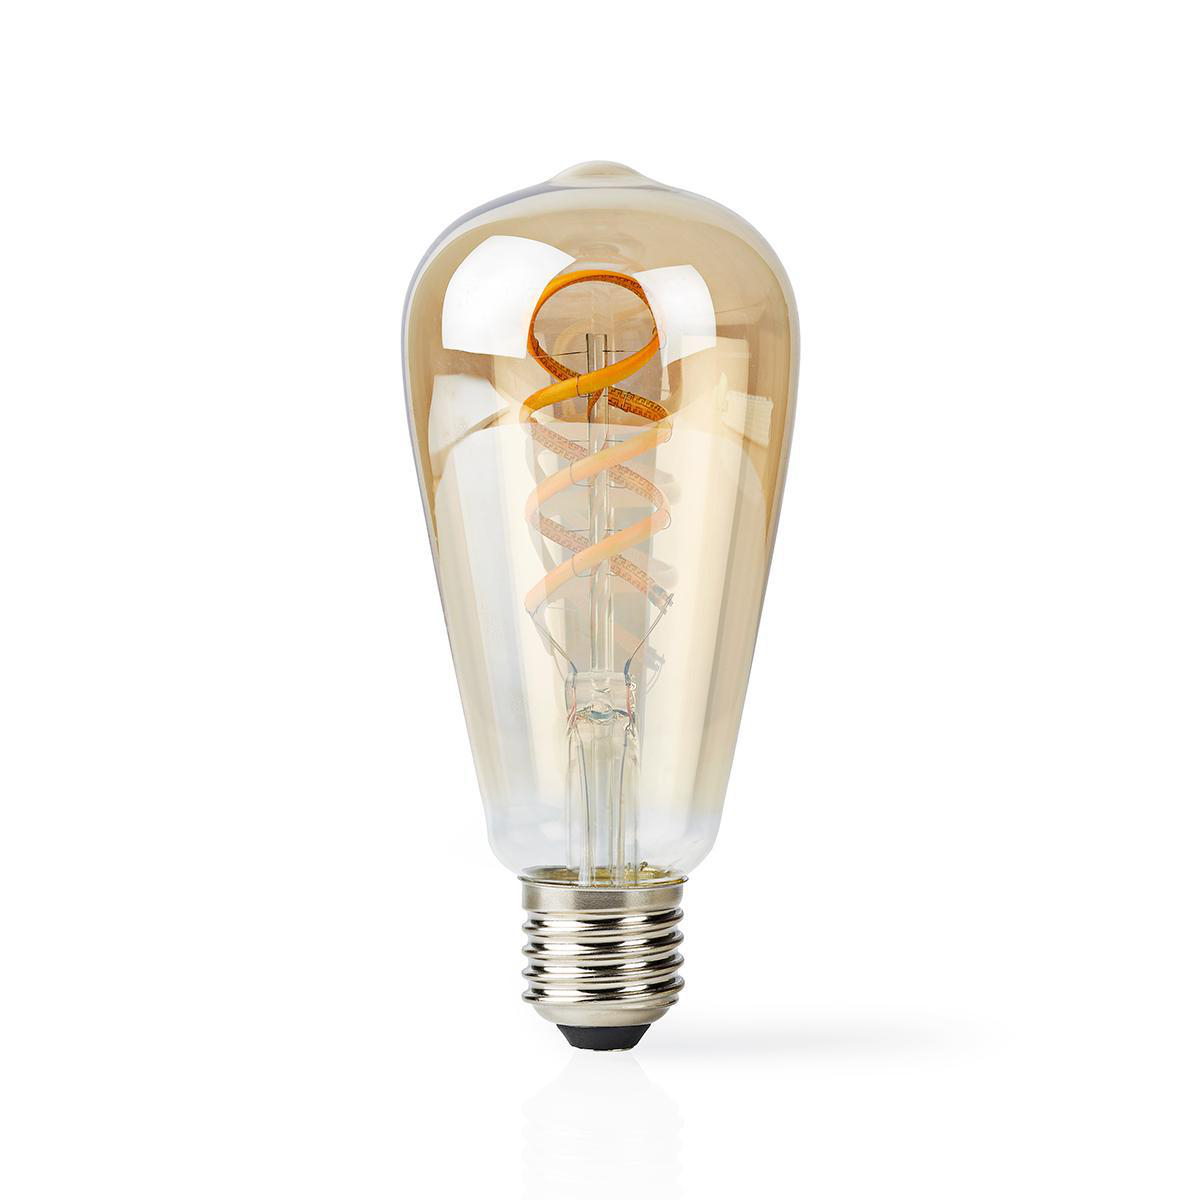 Slimme Led Edison Lamp met wifi E27 fitting 1800K - 6500K - lamp uit